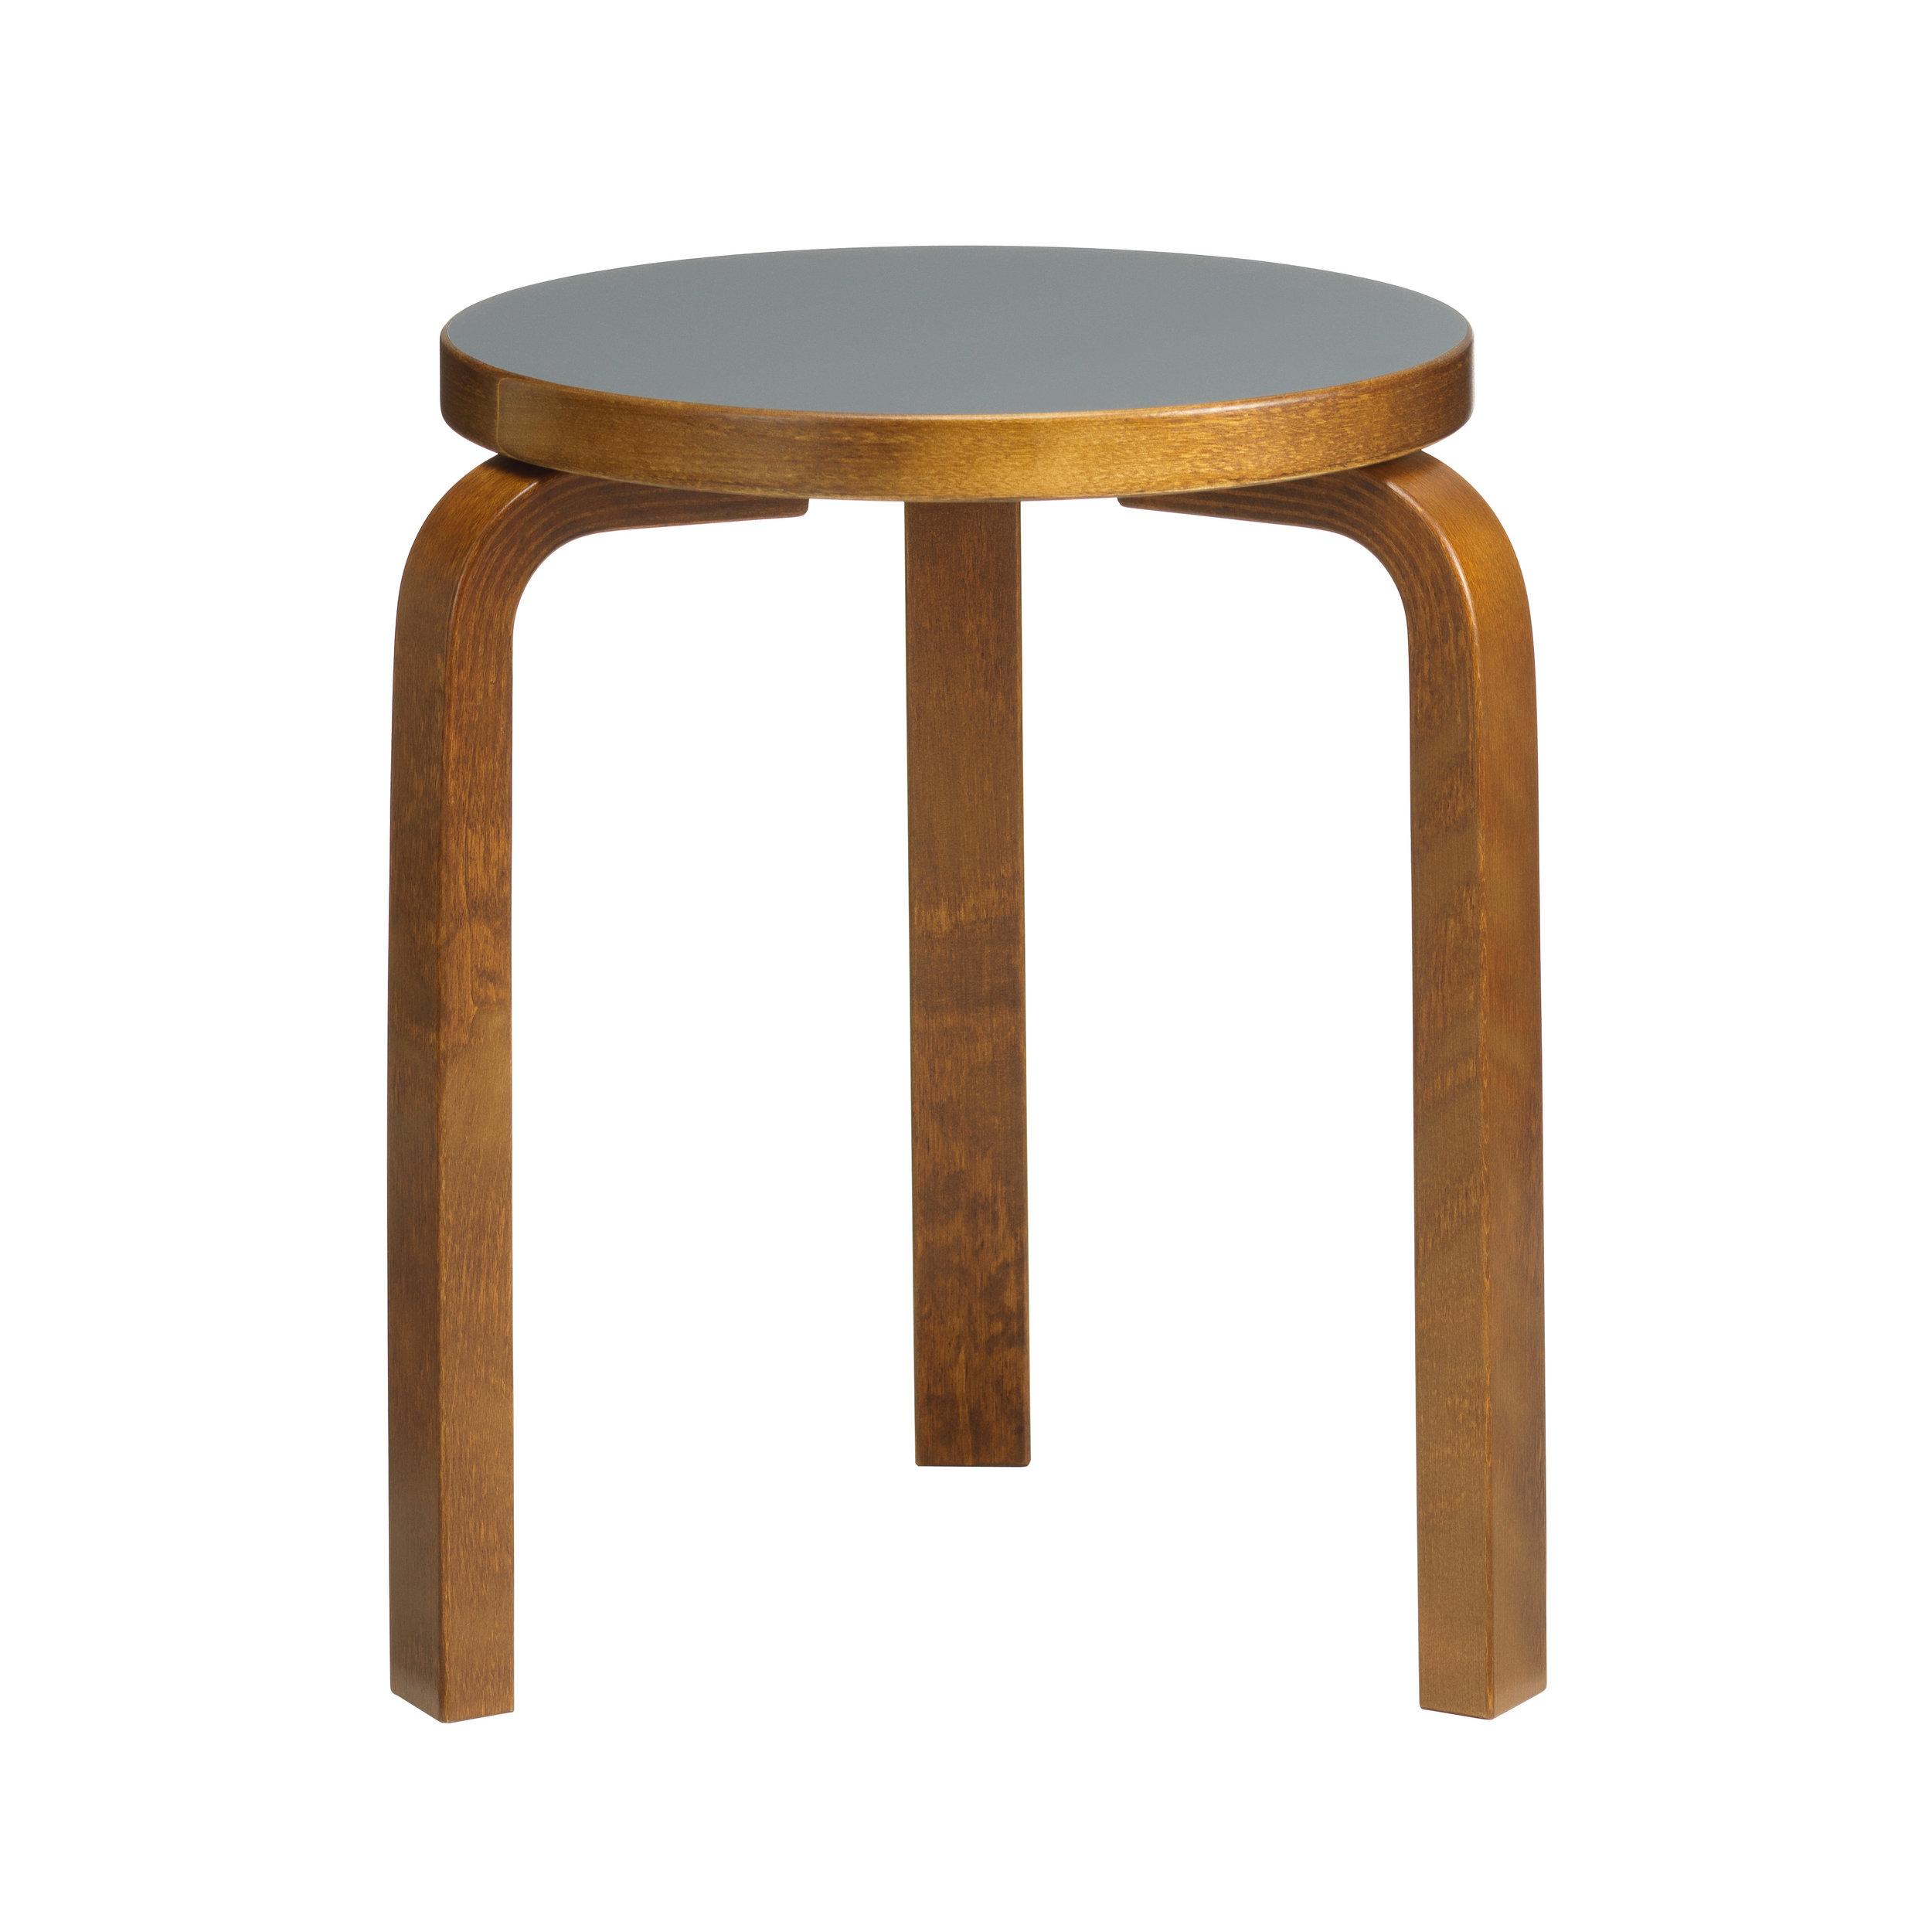 Stool 60 Legs: birch, walnut stain Seat: linoleum, pewter